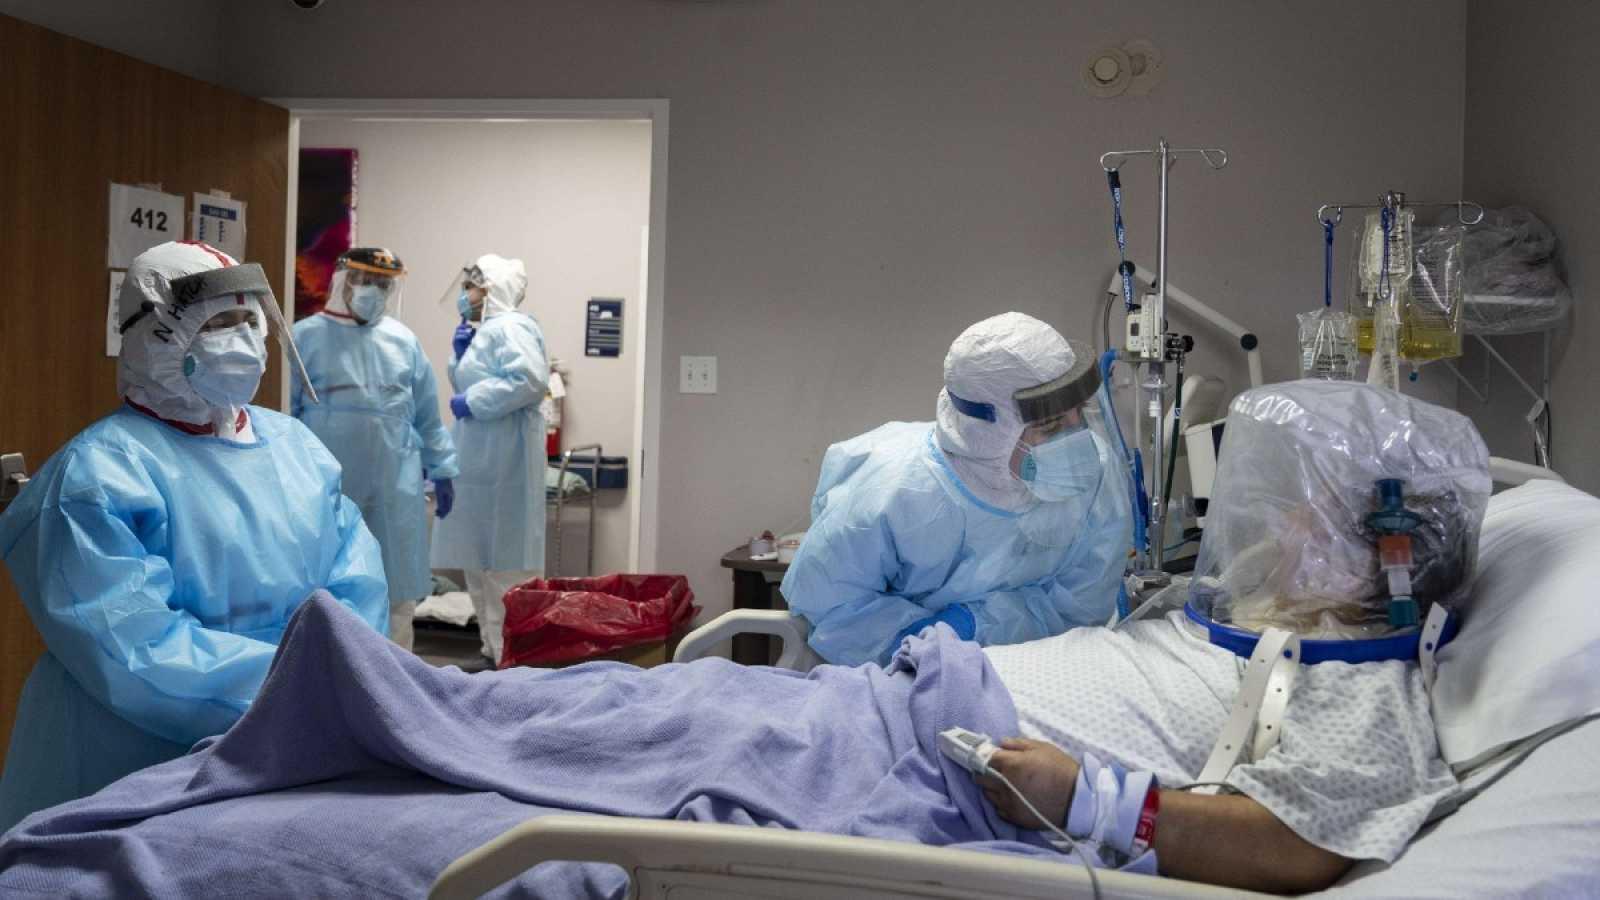 El equipo médico de un hospital de Houston, Texas, atiende a un paciente de COVID-19 que precisa de un respirador